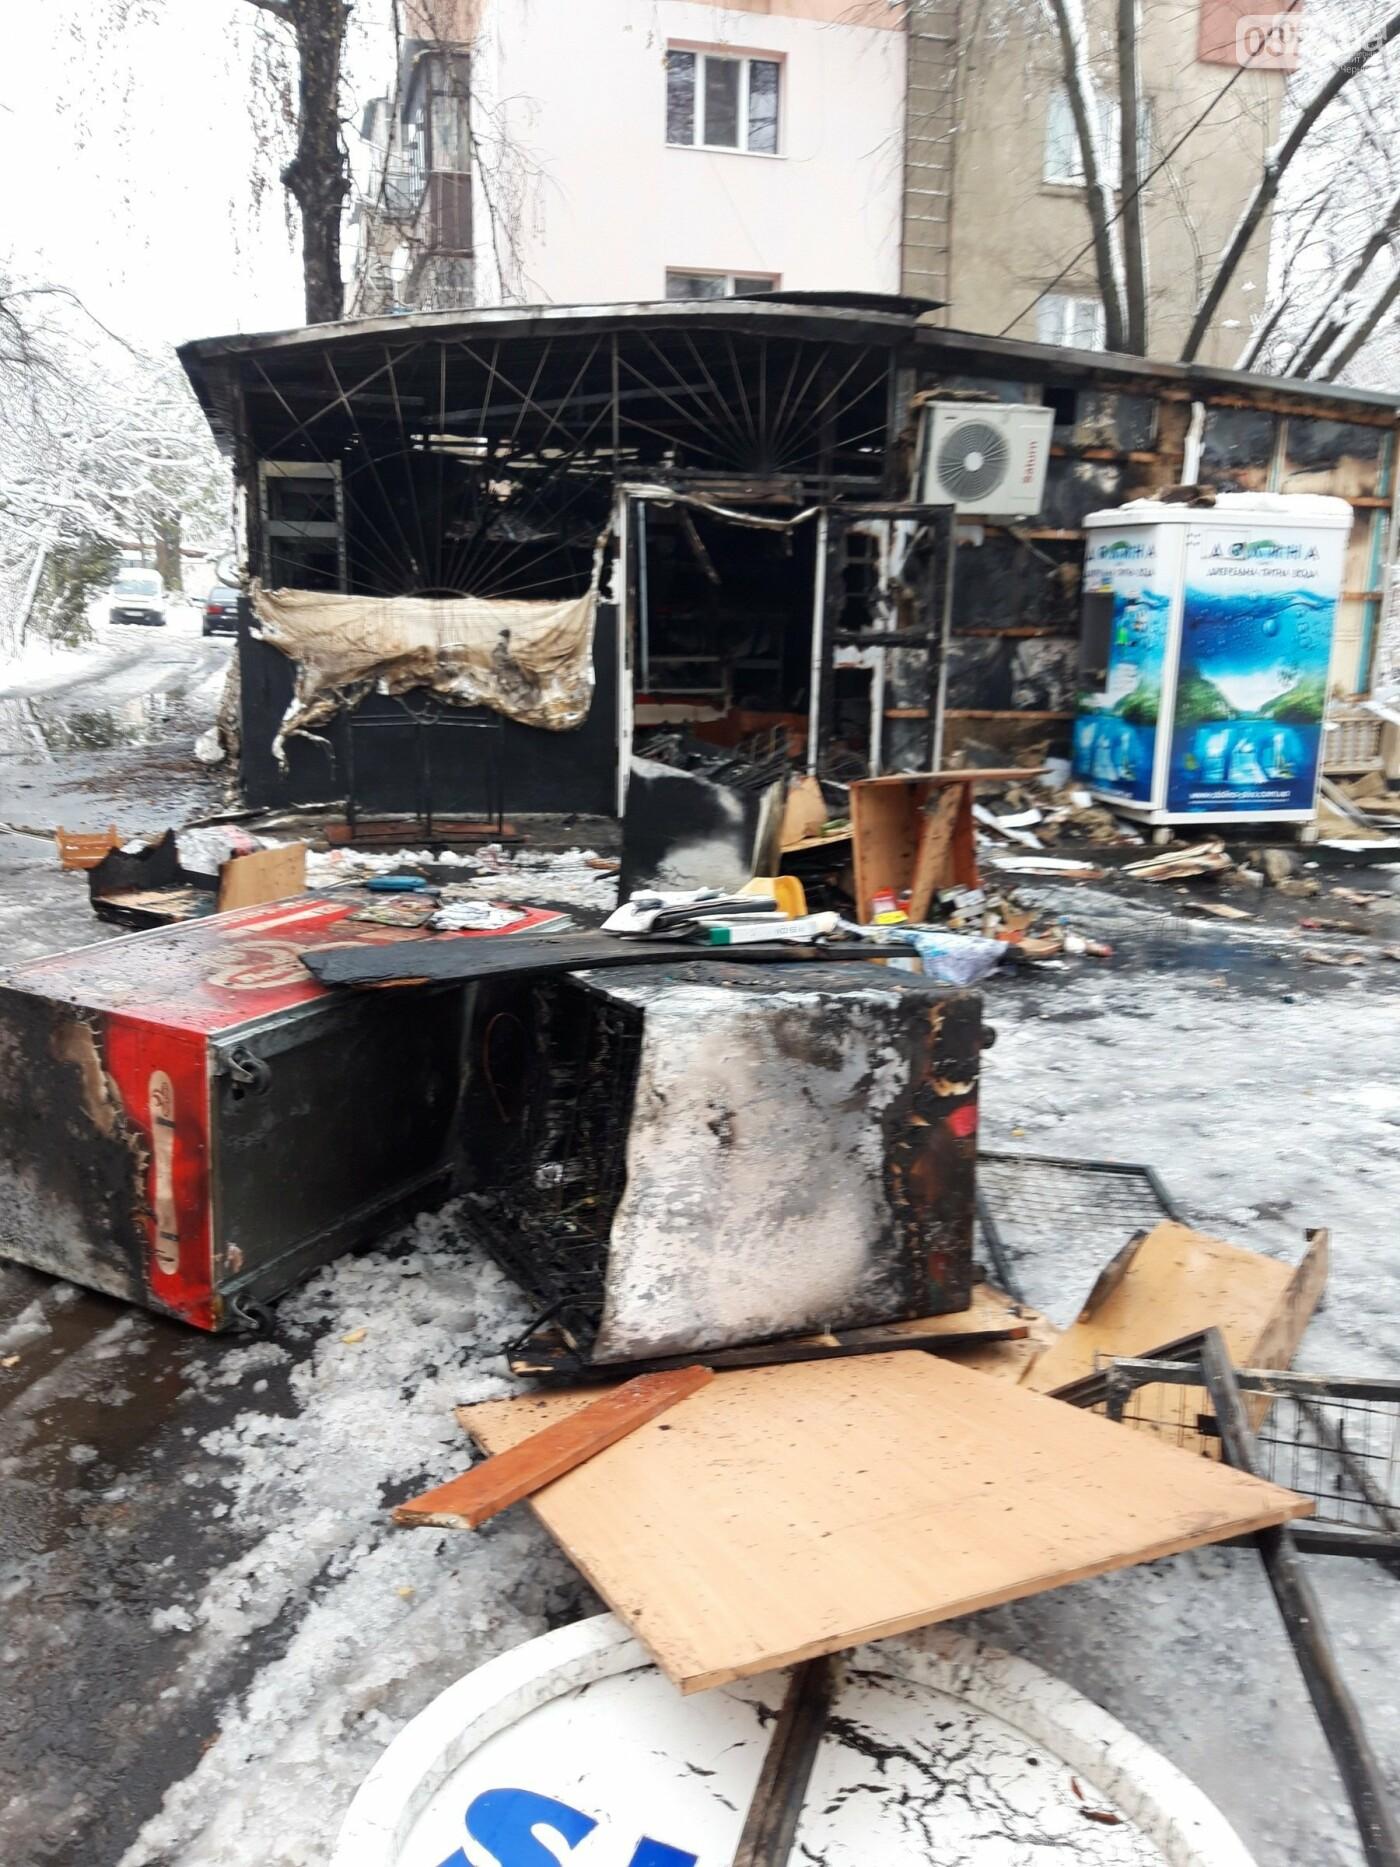 Пожежа в магазині та ДТП на краденому авто: ТОП-5 останніх новин з життя Чернівців, фото-1